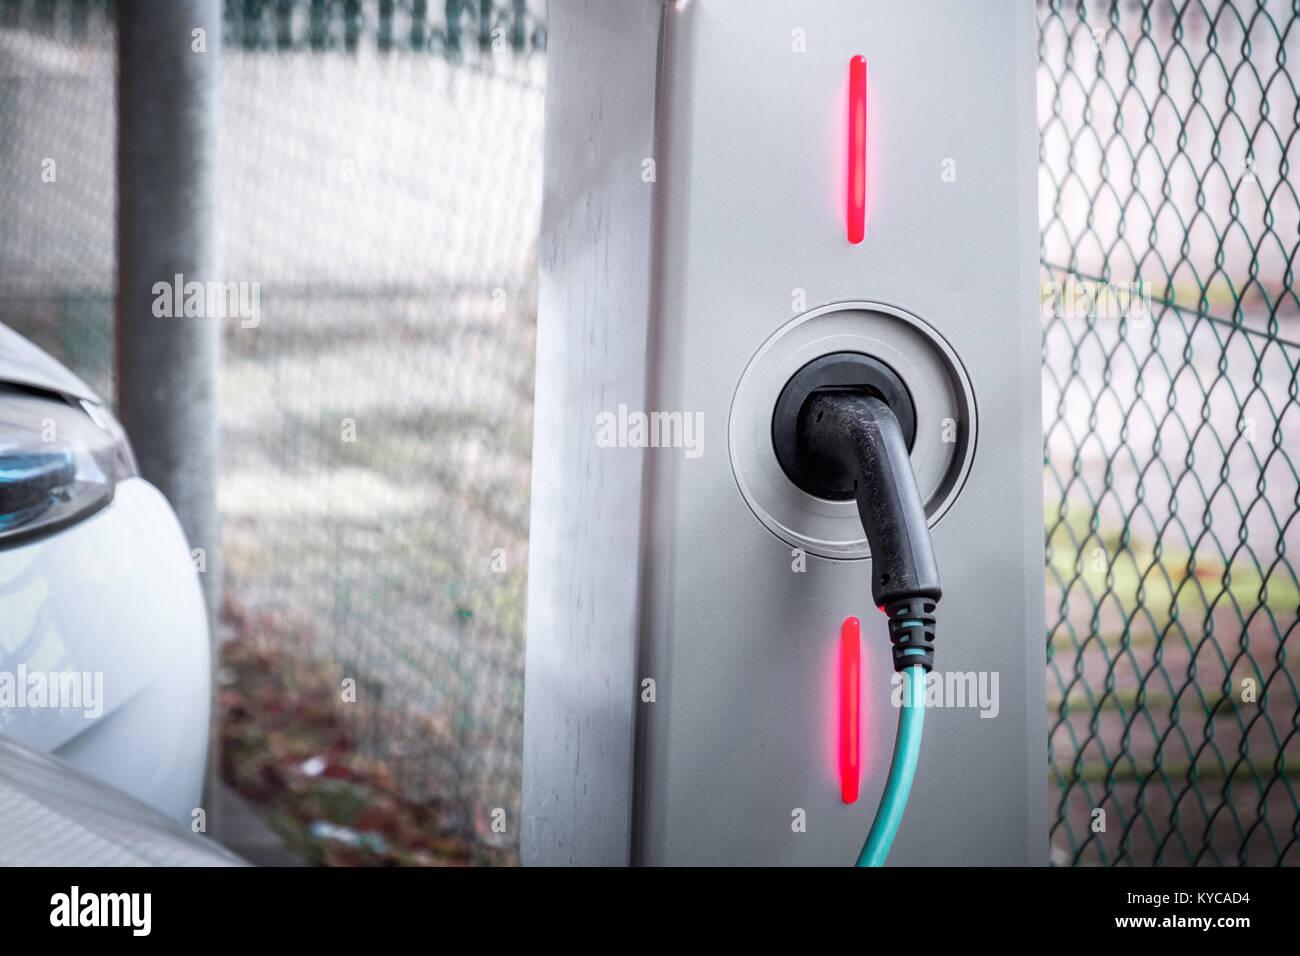 Estación de carga de coches eléctricos de motor de transporte ecológicamente sostenible Imagen De Stock